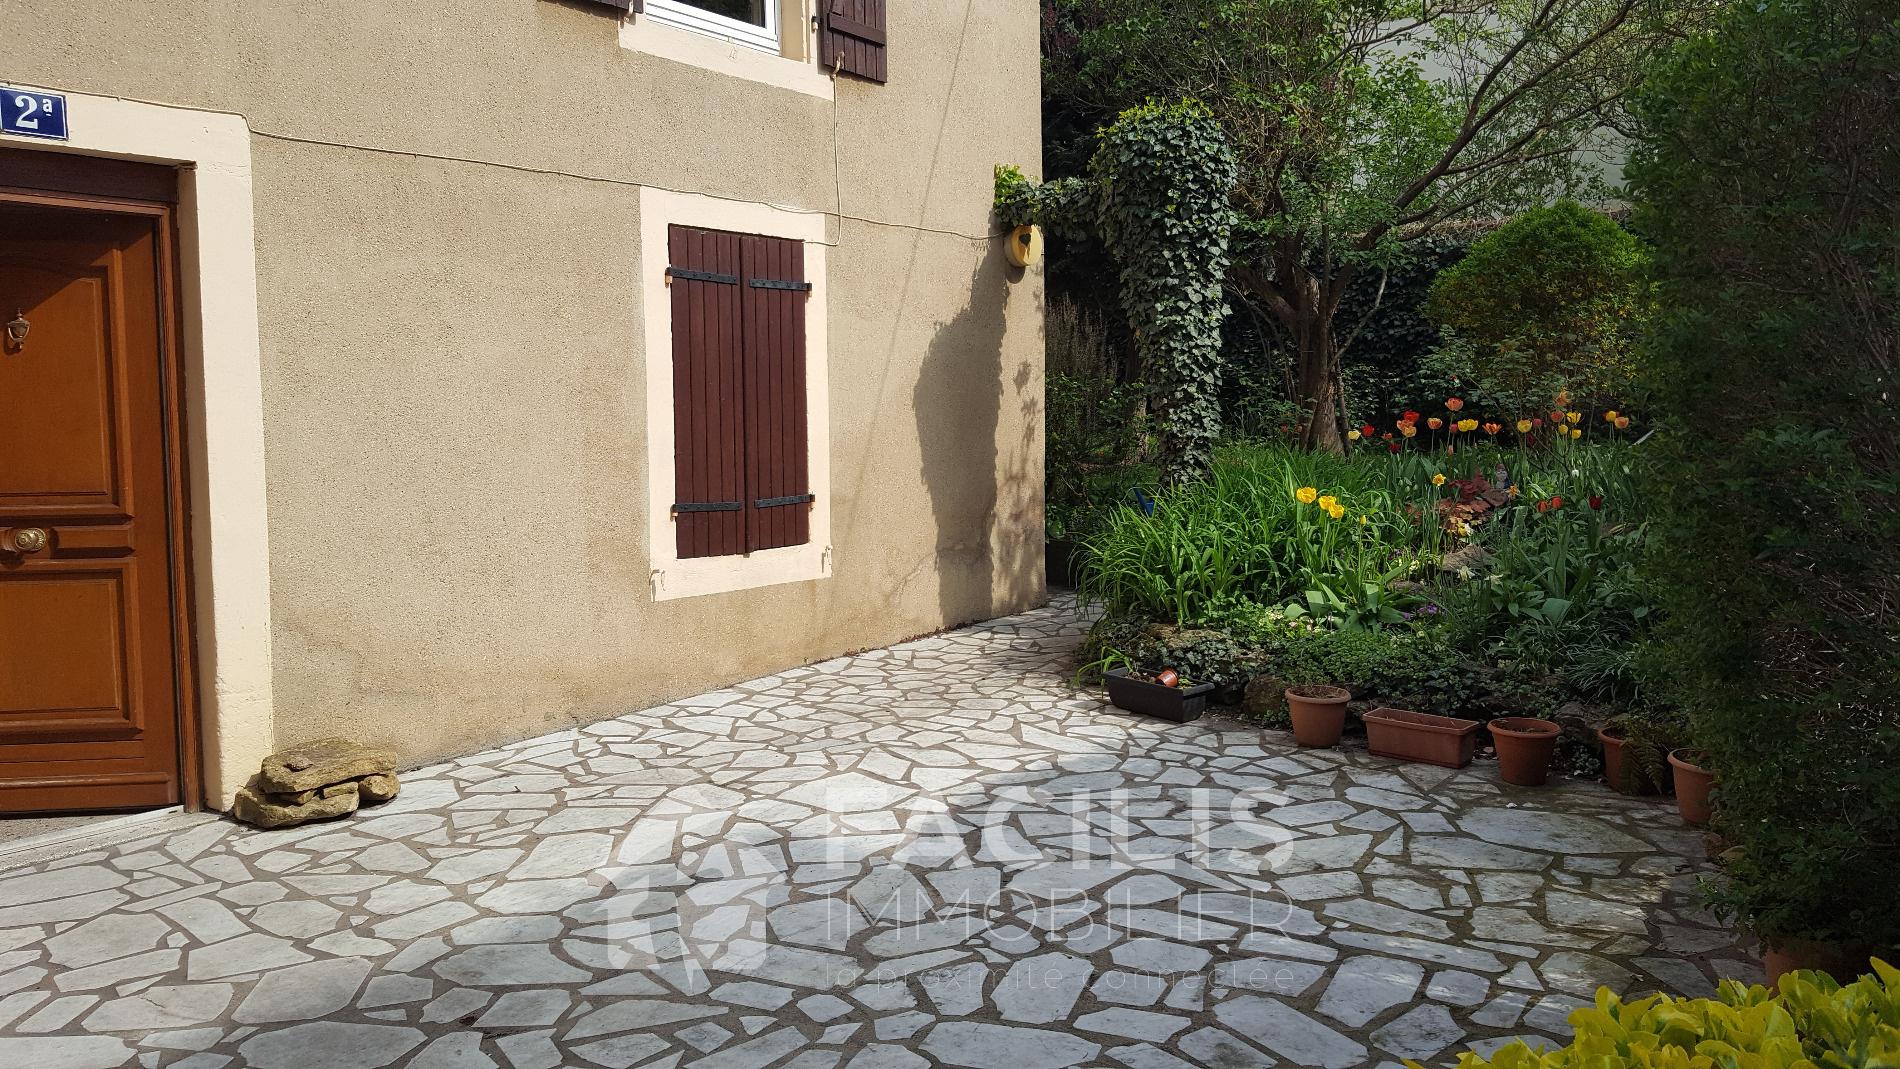 Annonce location maison metz 57000 100 m 1 010 992738370486 - Location maison avec jardin quimper colombes ...